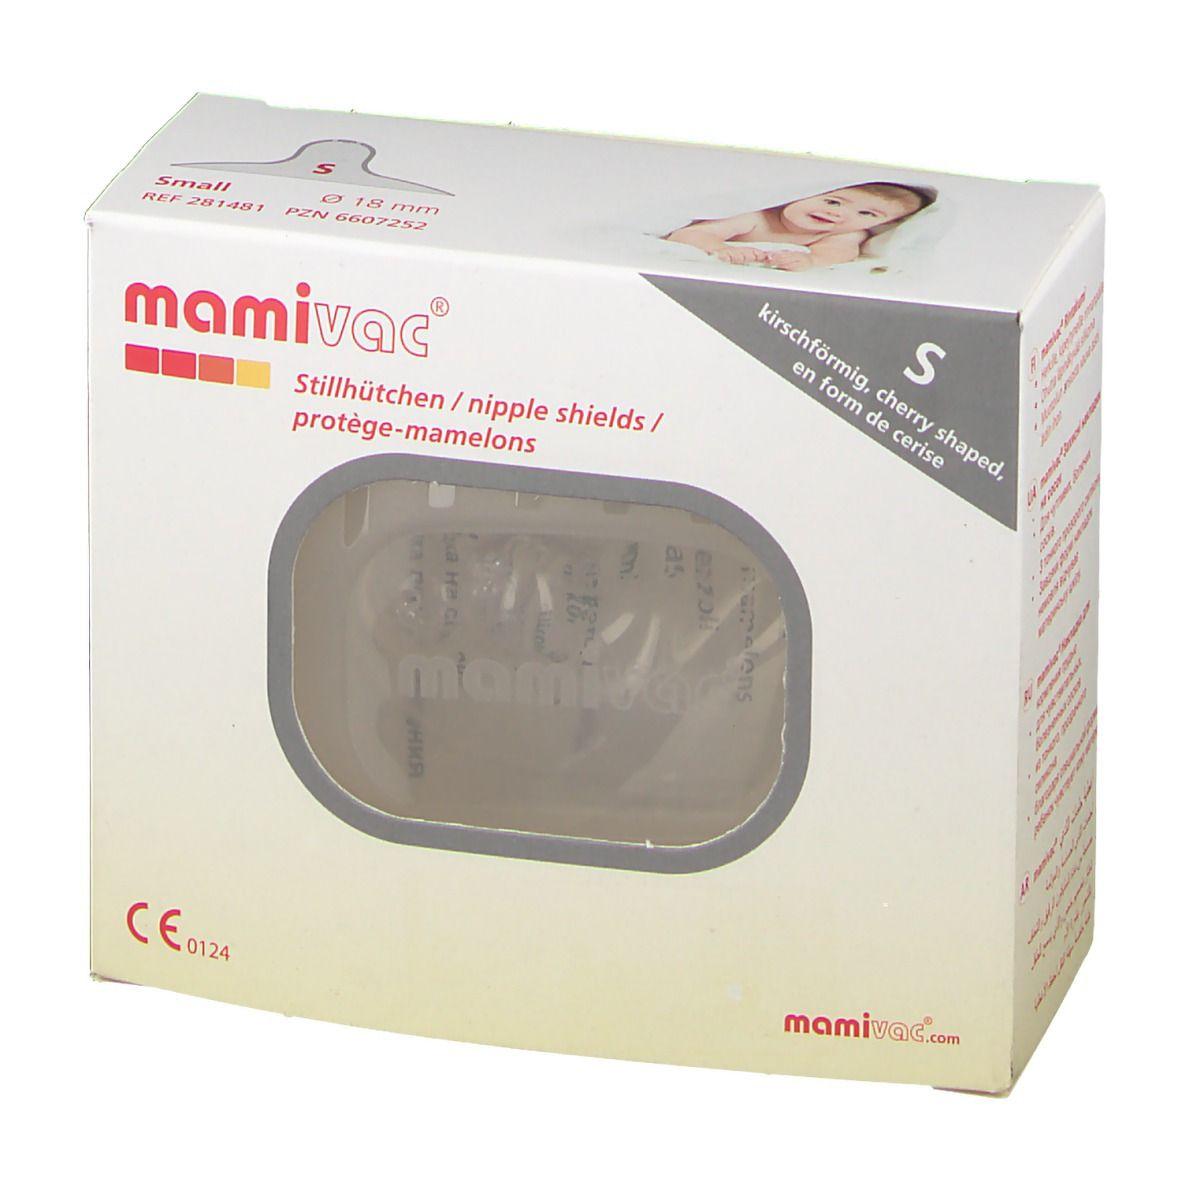 mamivac® Brusthütchen Klein